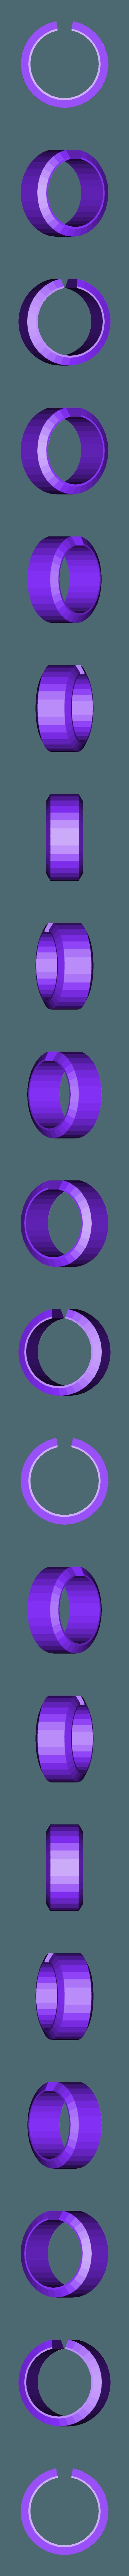 owlneck.stl Télécharger fichier STL gratuit tête de hibou tournant • Design pour imprimante 3D, mtstksk